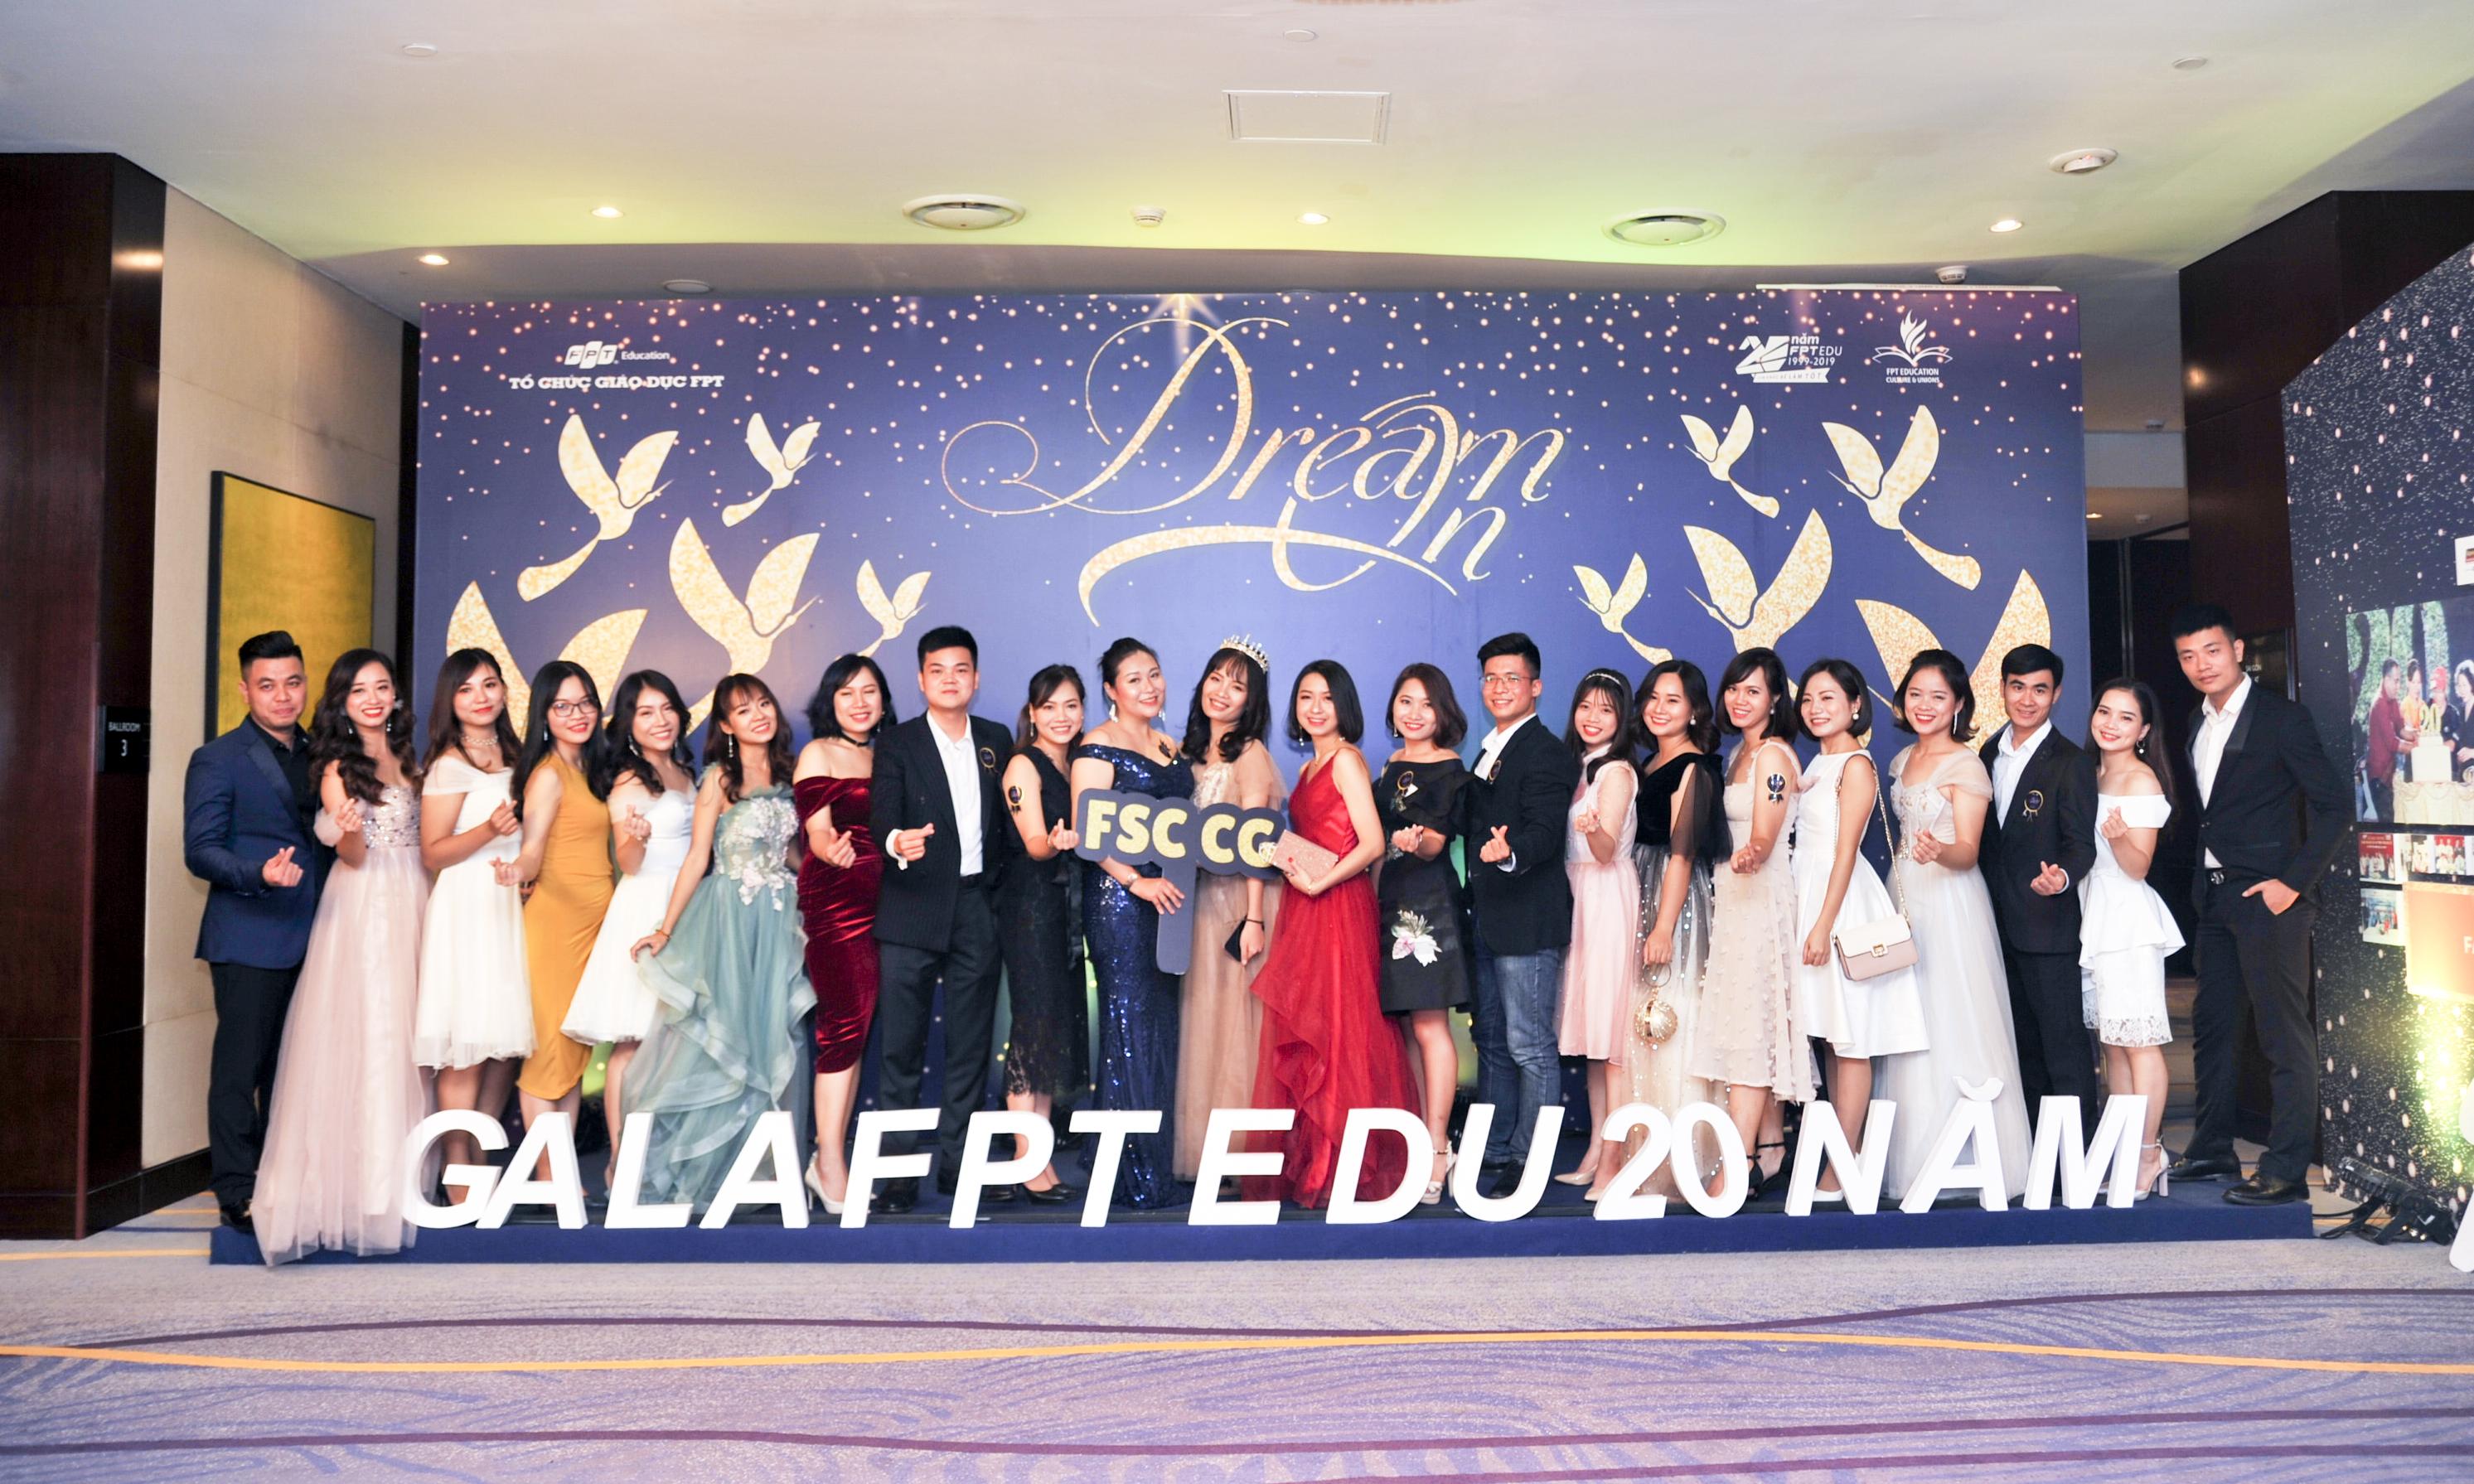 Tối ngày 17/11, đêm gala thứ 4 trong chuỗi sự kiện gala FPT Edu 20 năm diễn ra trên cả nước đã khép lại tại điểm cuối cùng là đầu cầu Hà Nội. Đây cũng là nơi có đông đảo CBGV nhà F tham dự nhất.